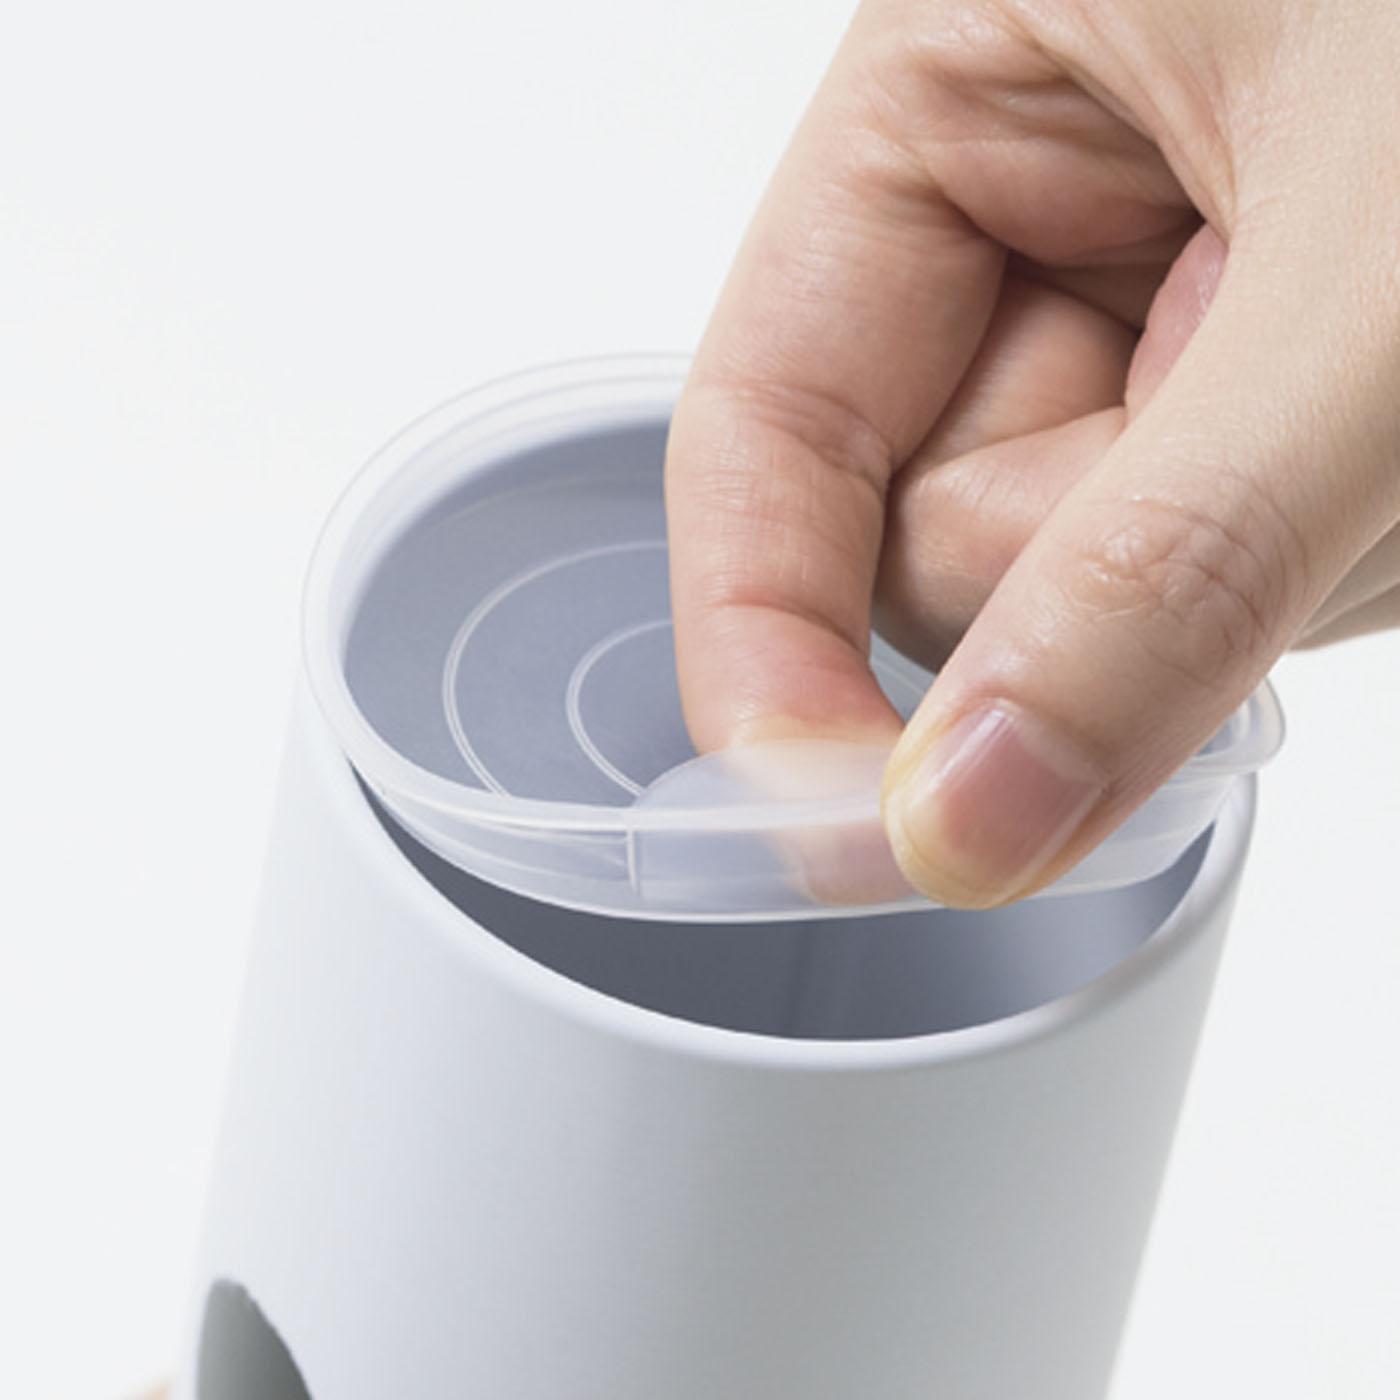 茶缶はプラスティック製の内ぶた付き。茶葉はもちろんキャンディーなど入れても。